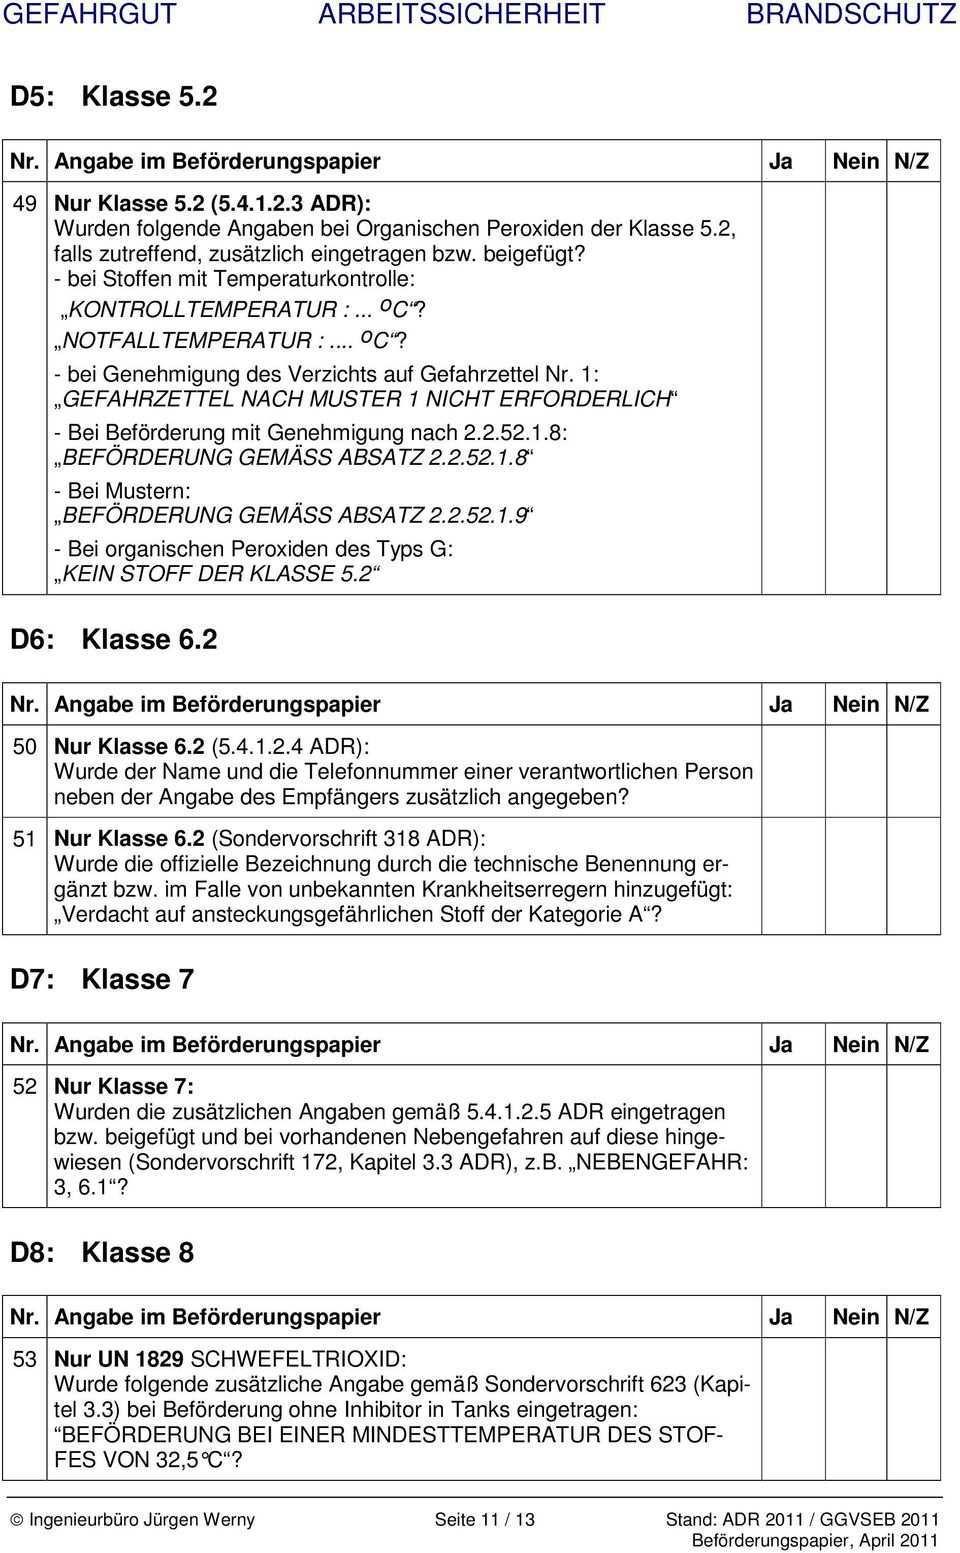 Checkliste Beforderungspapier Nach Ggvseb Adr 2011 Fur Den Strassentransport Gultig Bis Pdf Free Download